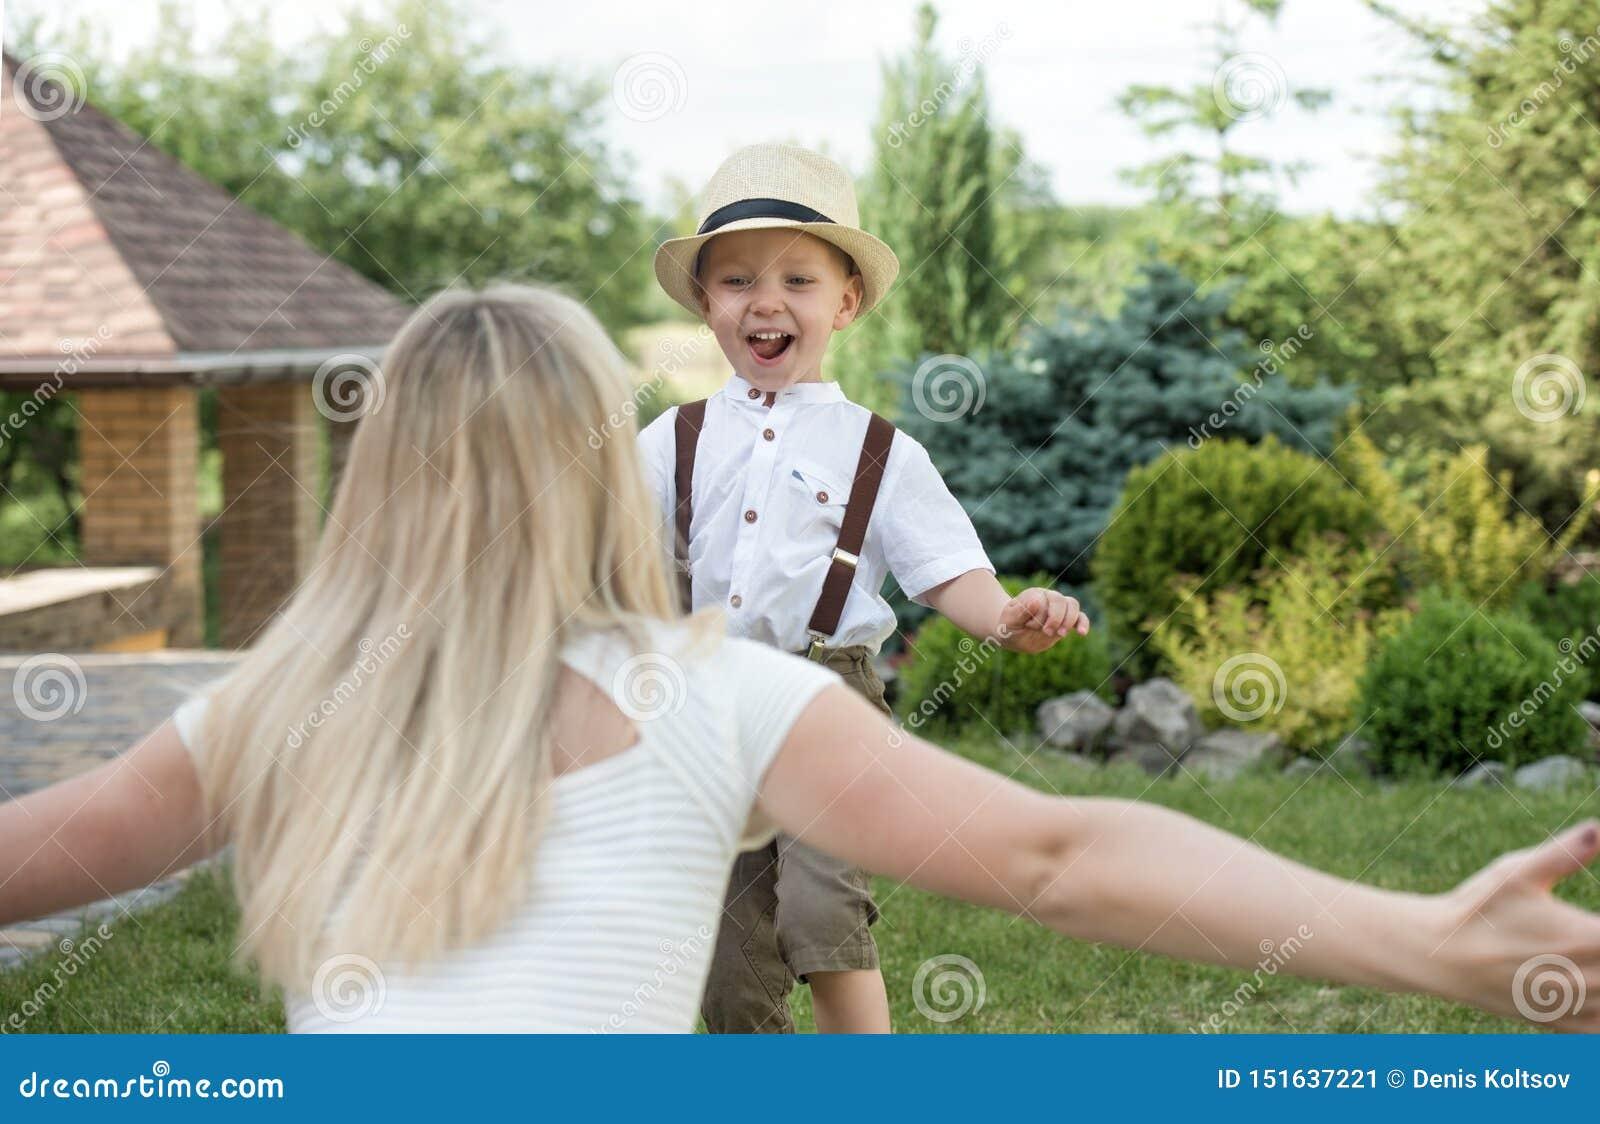 幸福家庭的生活片刻!一起使用母亲和儿子的孩子获得乐趣在草在晴朗的夏日